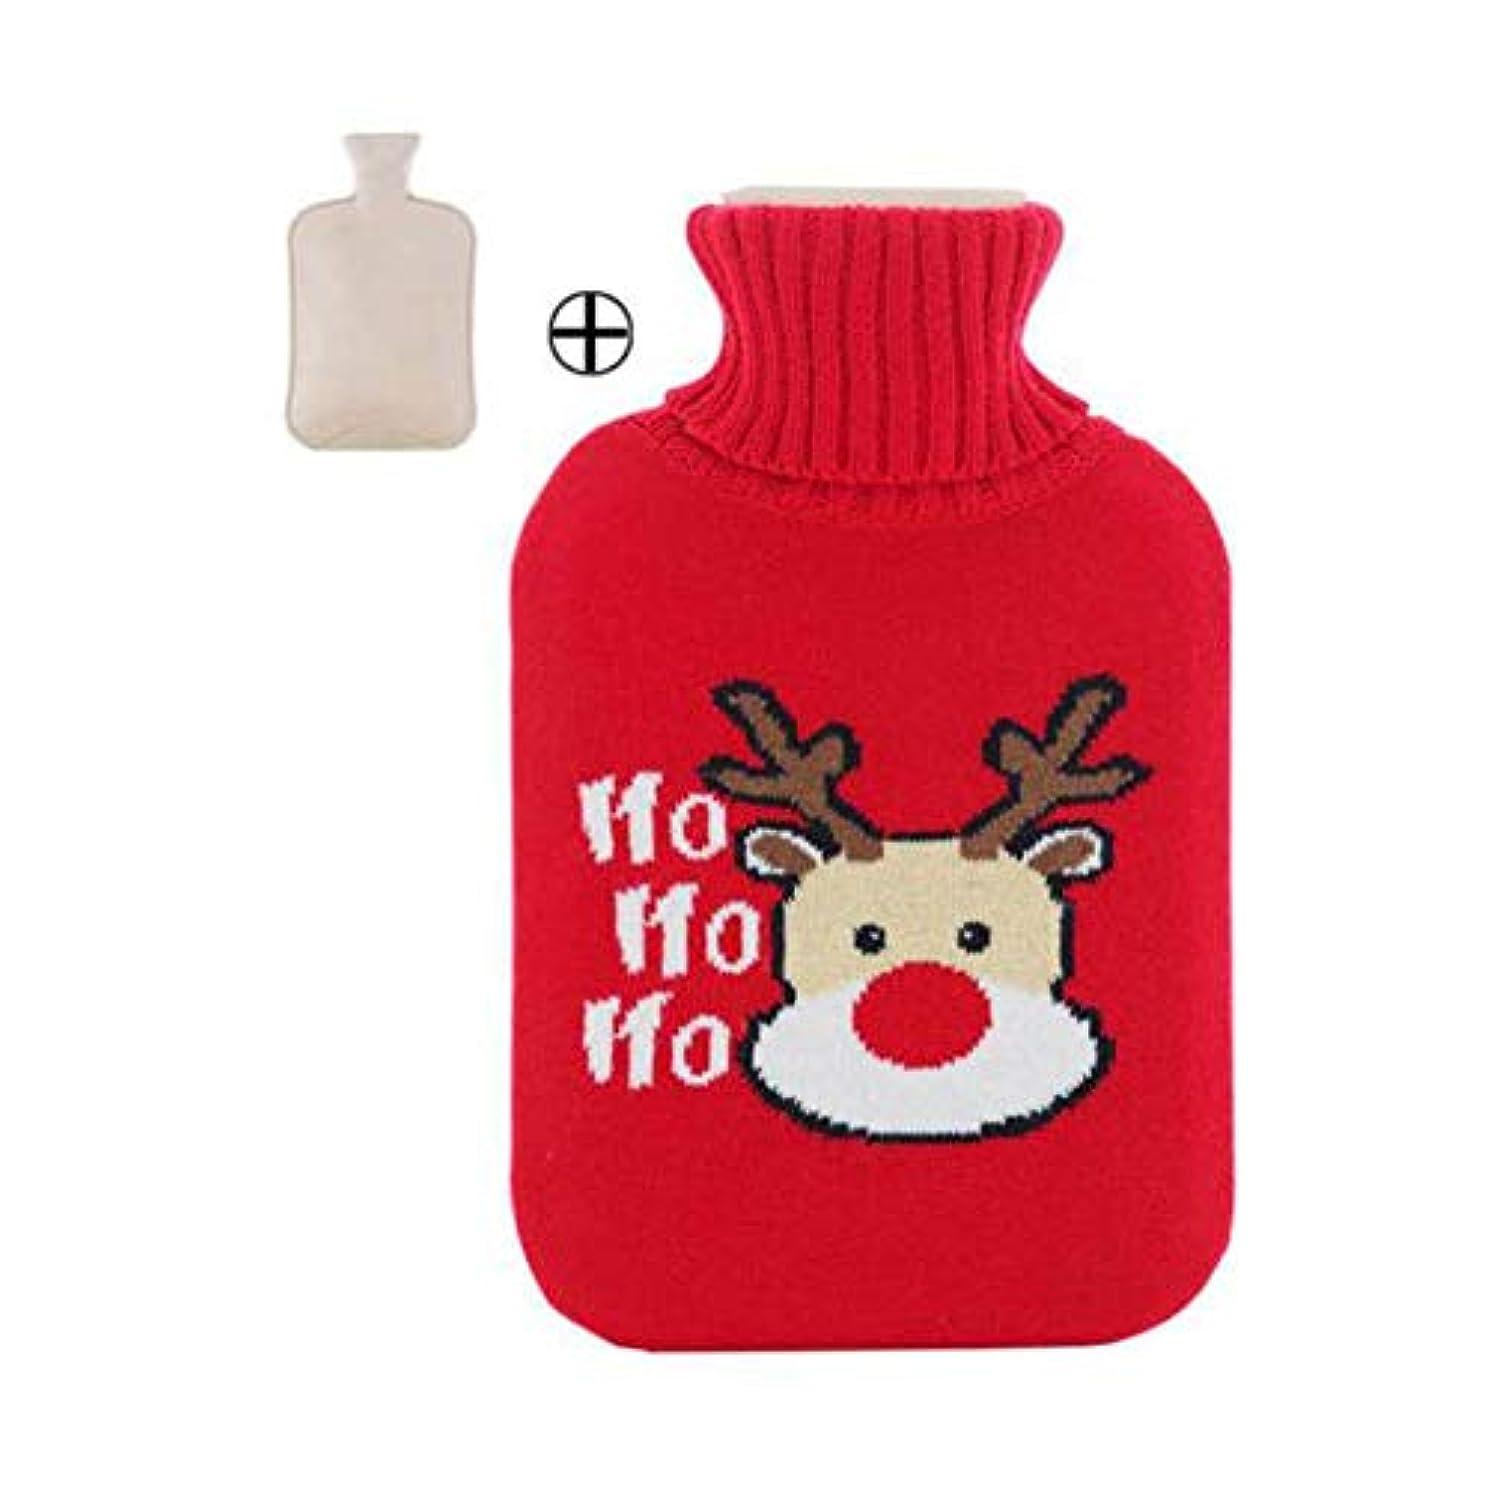 カール午後幾何学ホットウォーターボトル大温かいクリスマススタイルのウォーターボトル2L